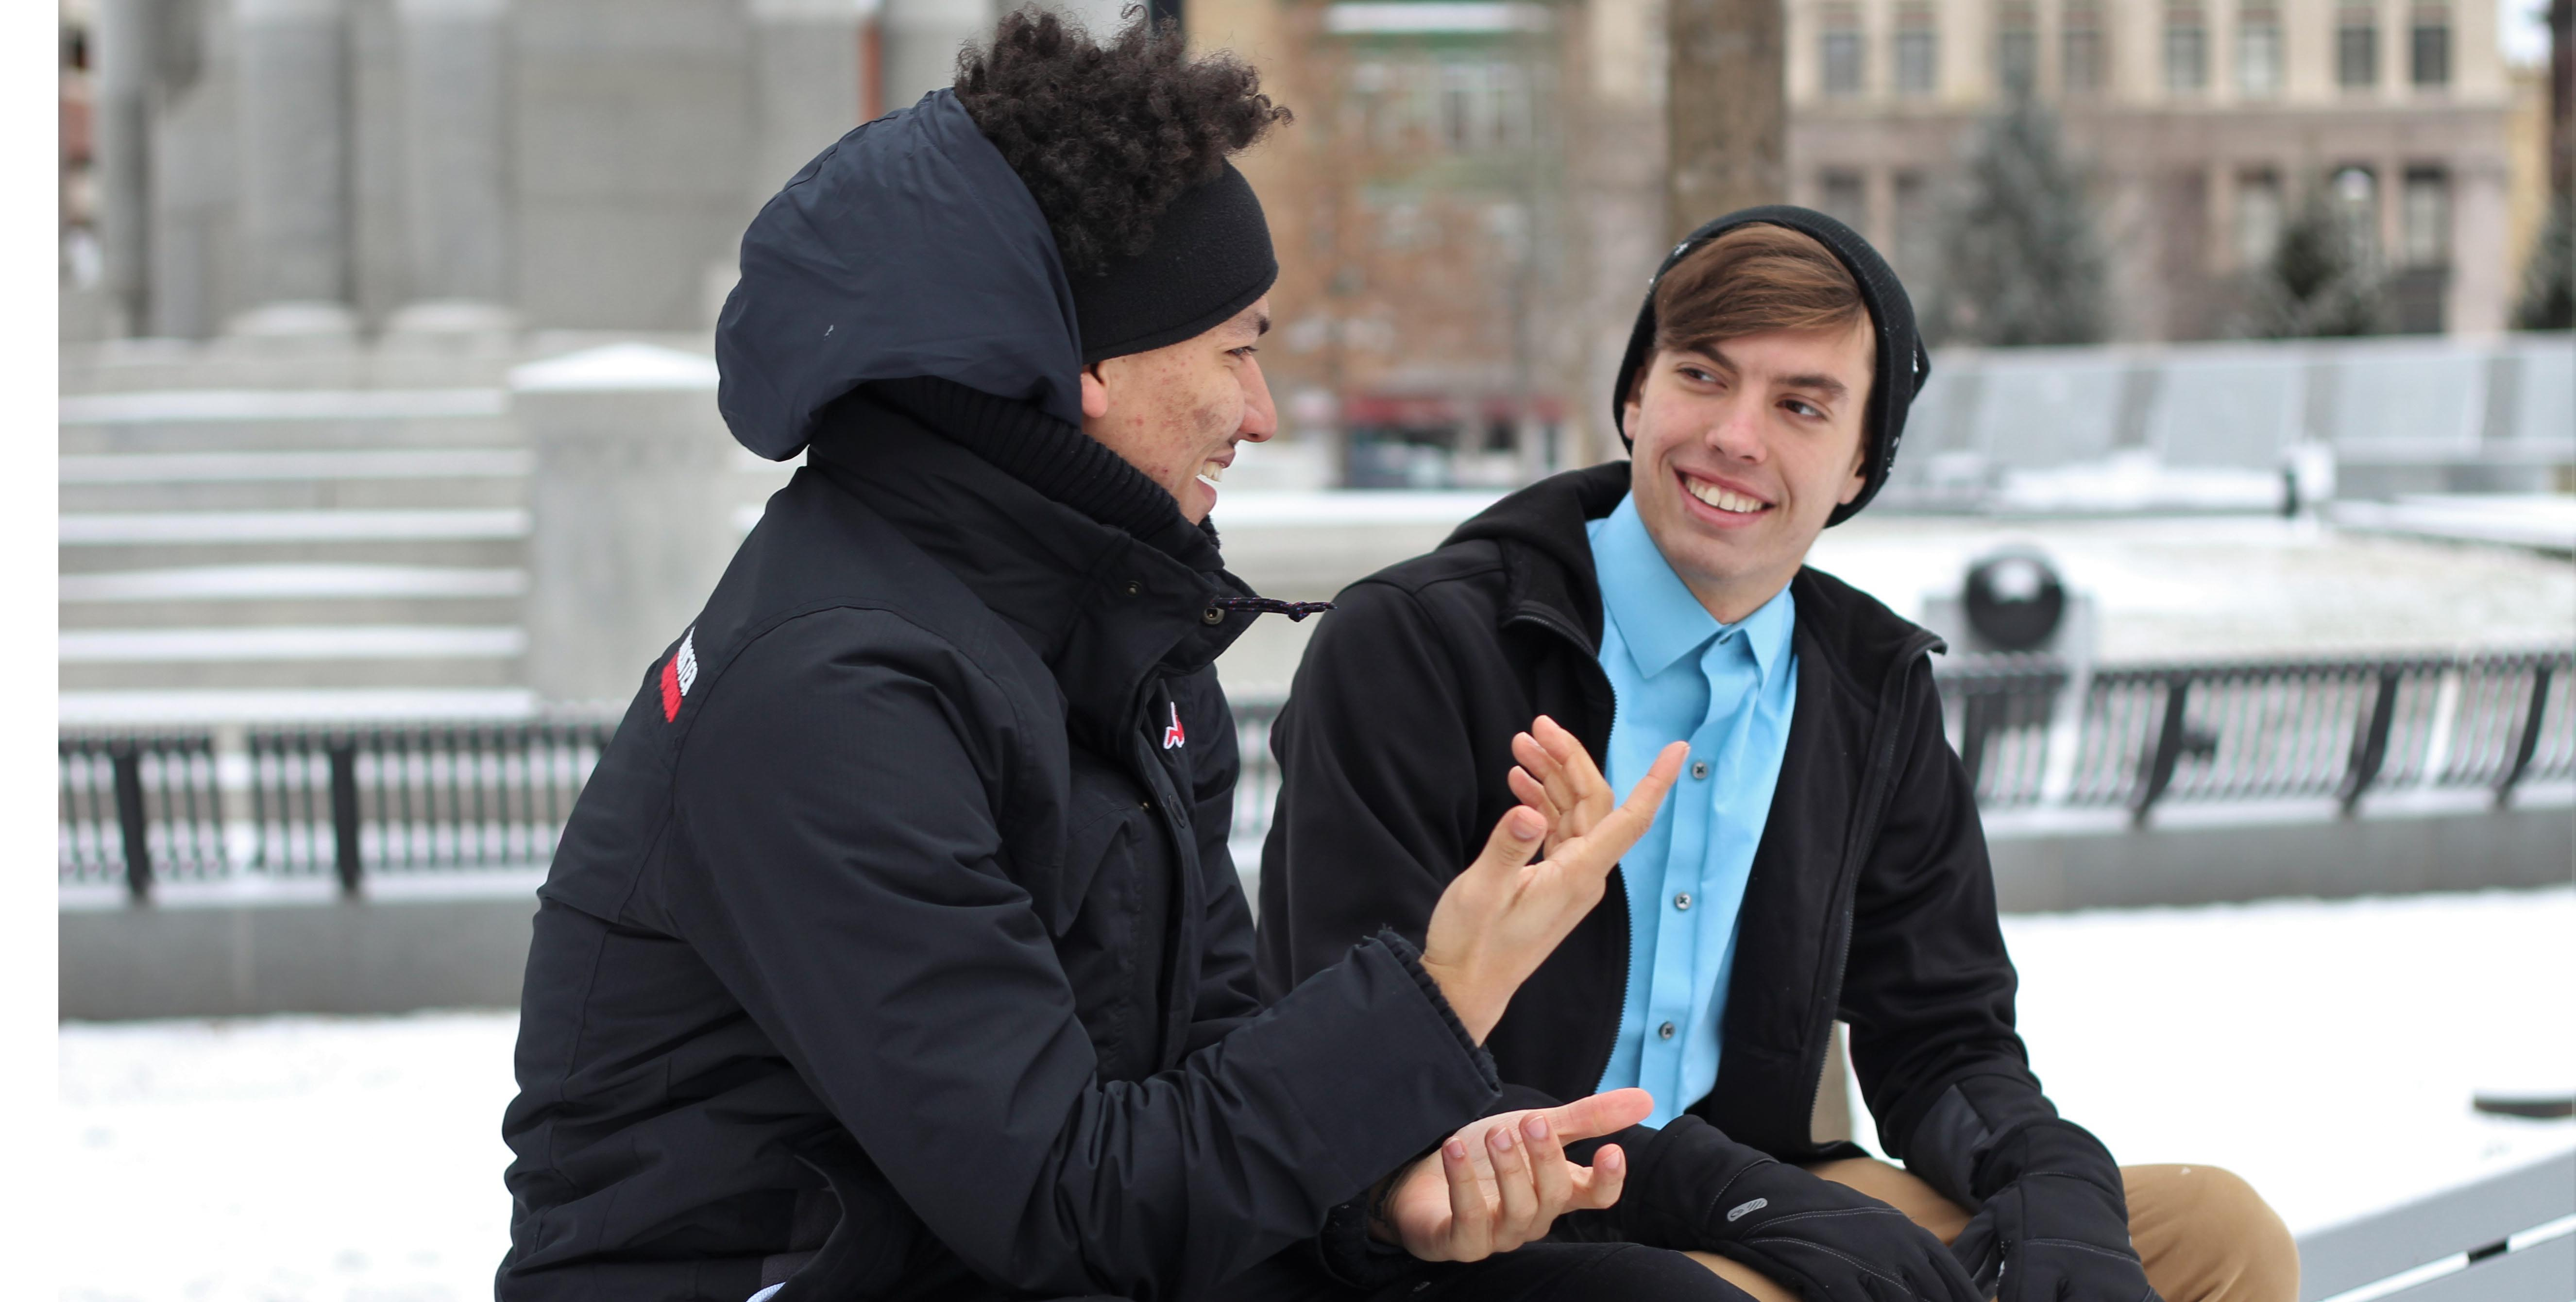 Jak Zacząć Rozmawiać Z Nieznajomym?